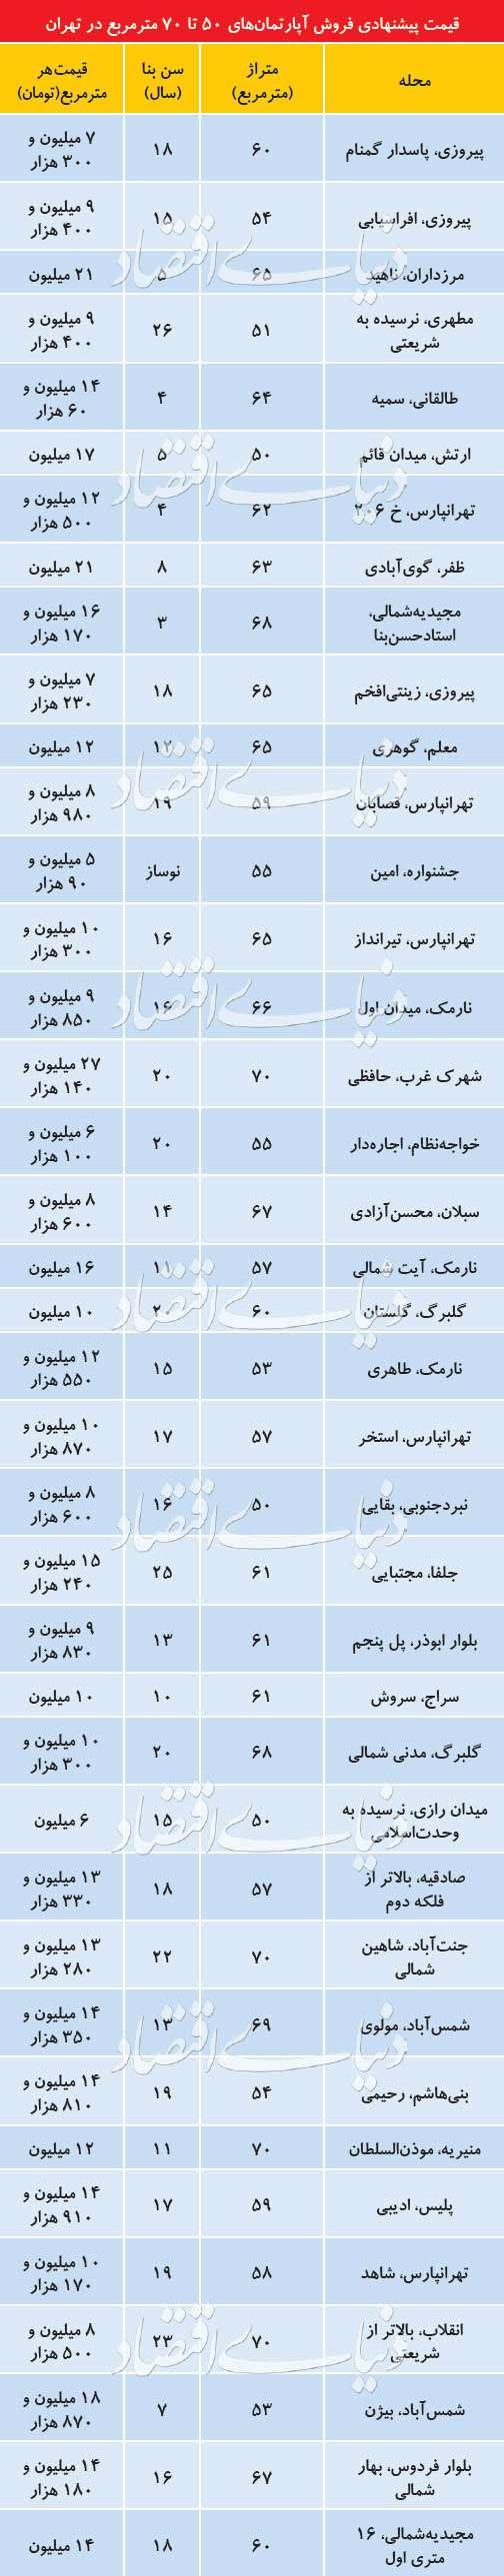 ادامه افت قیمت پیشنهادی آپارتمان در تهران